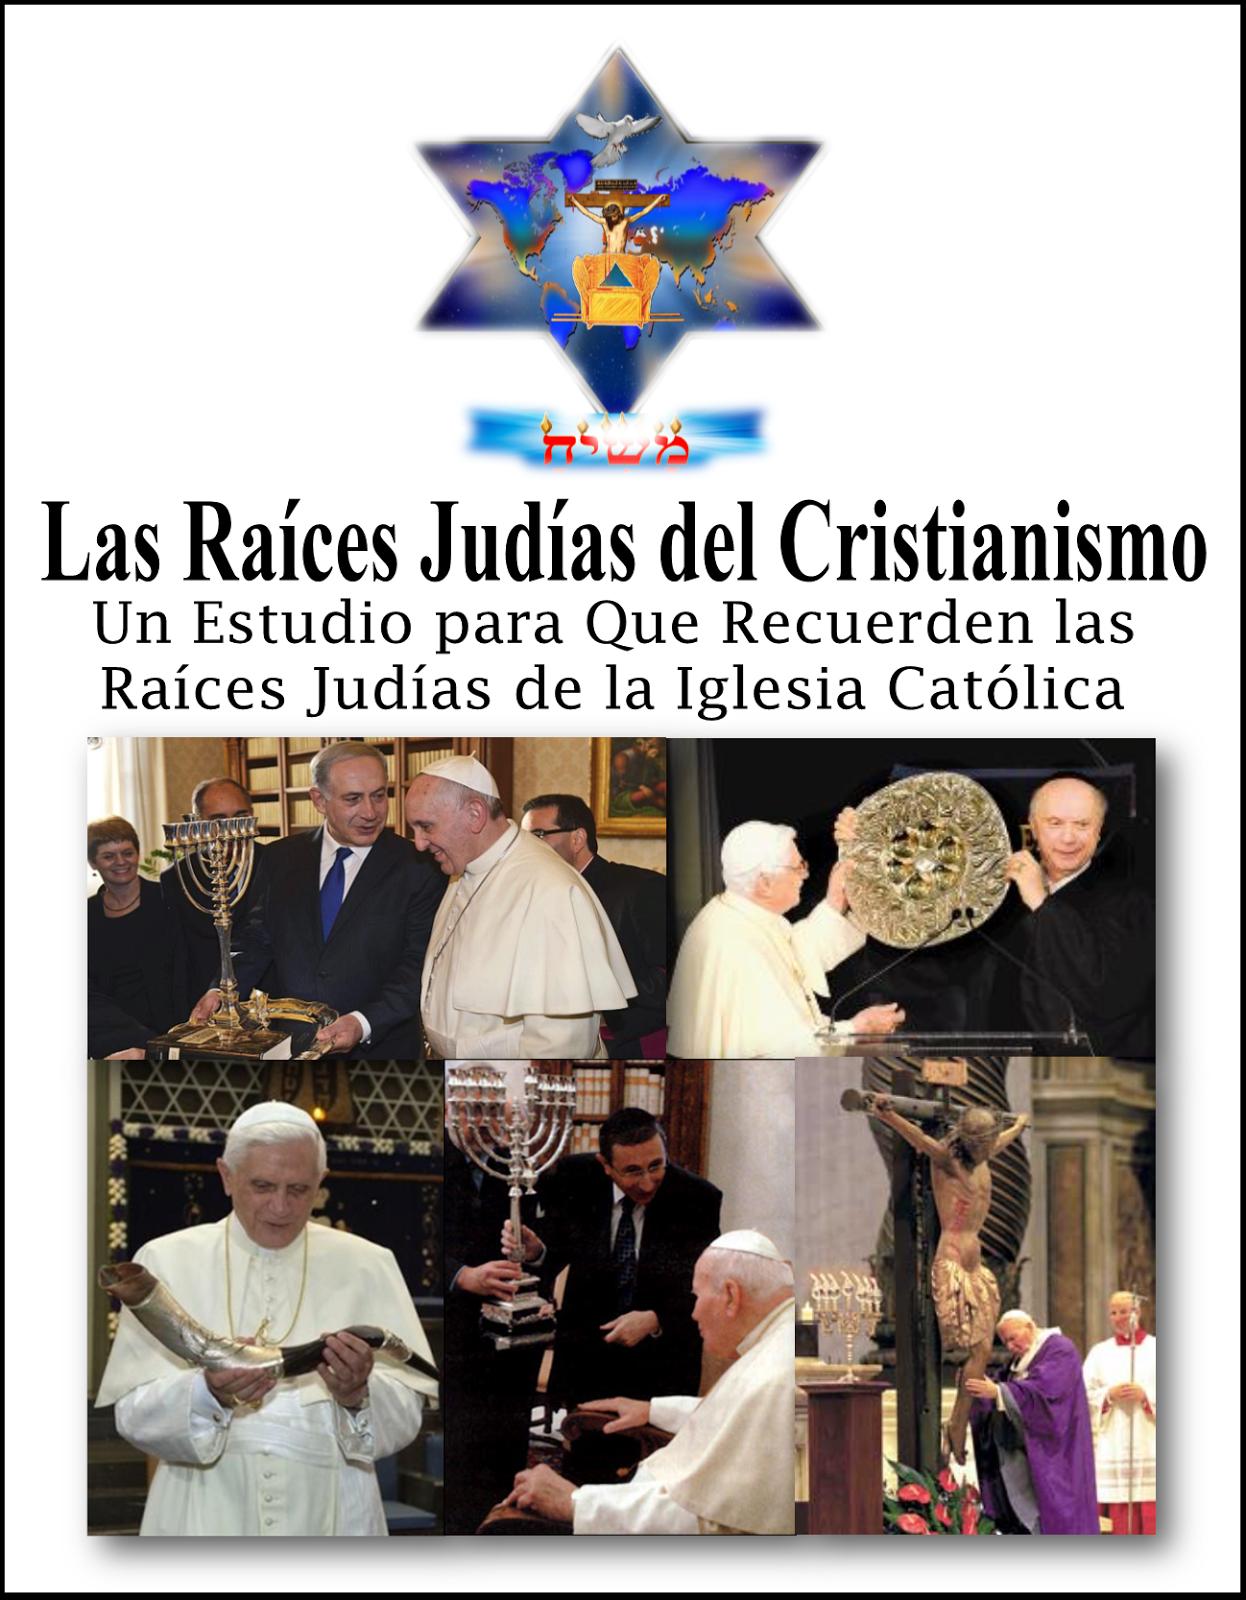 Las Raíces Judías del Cristianismo DELE CLIP